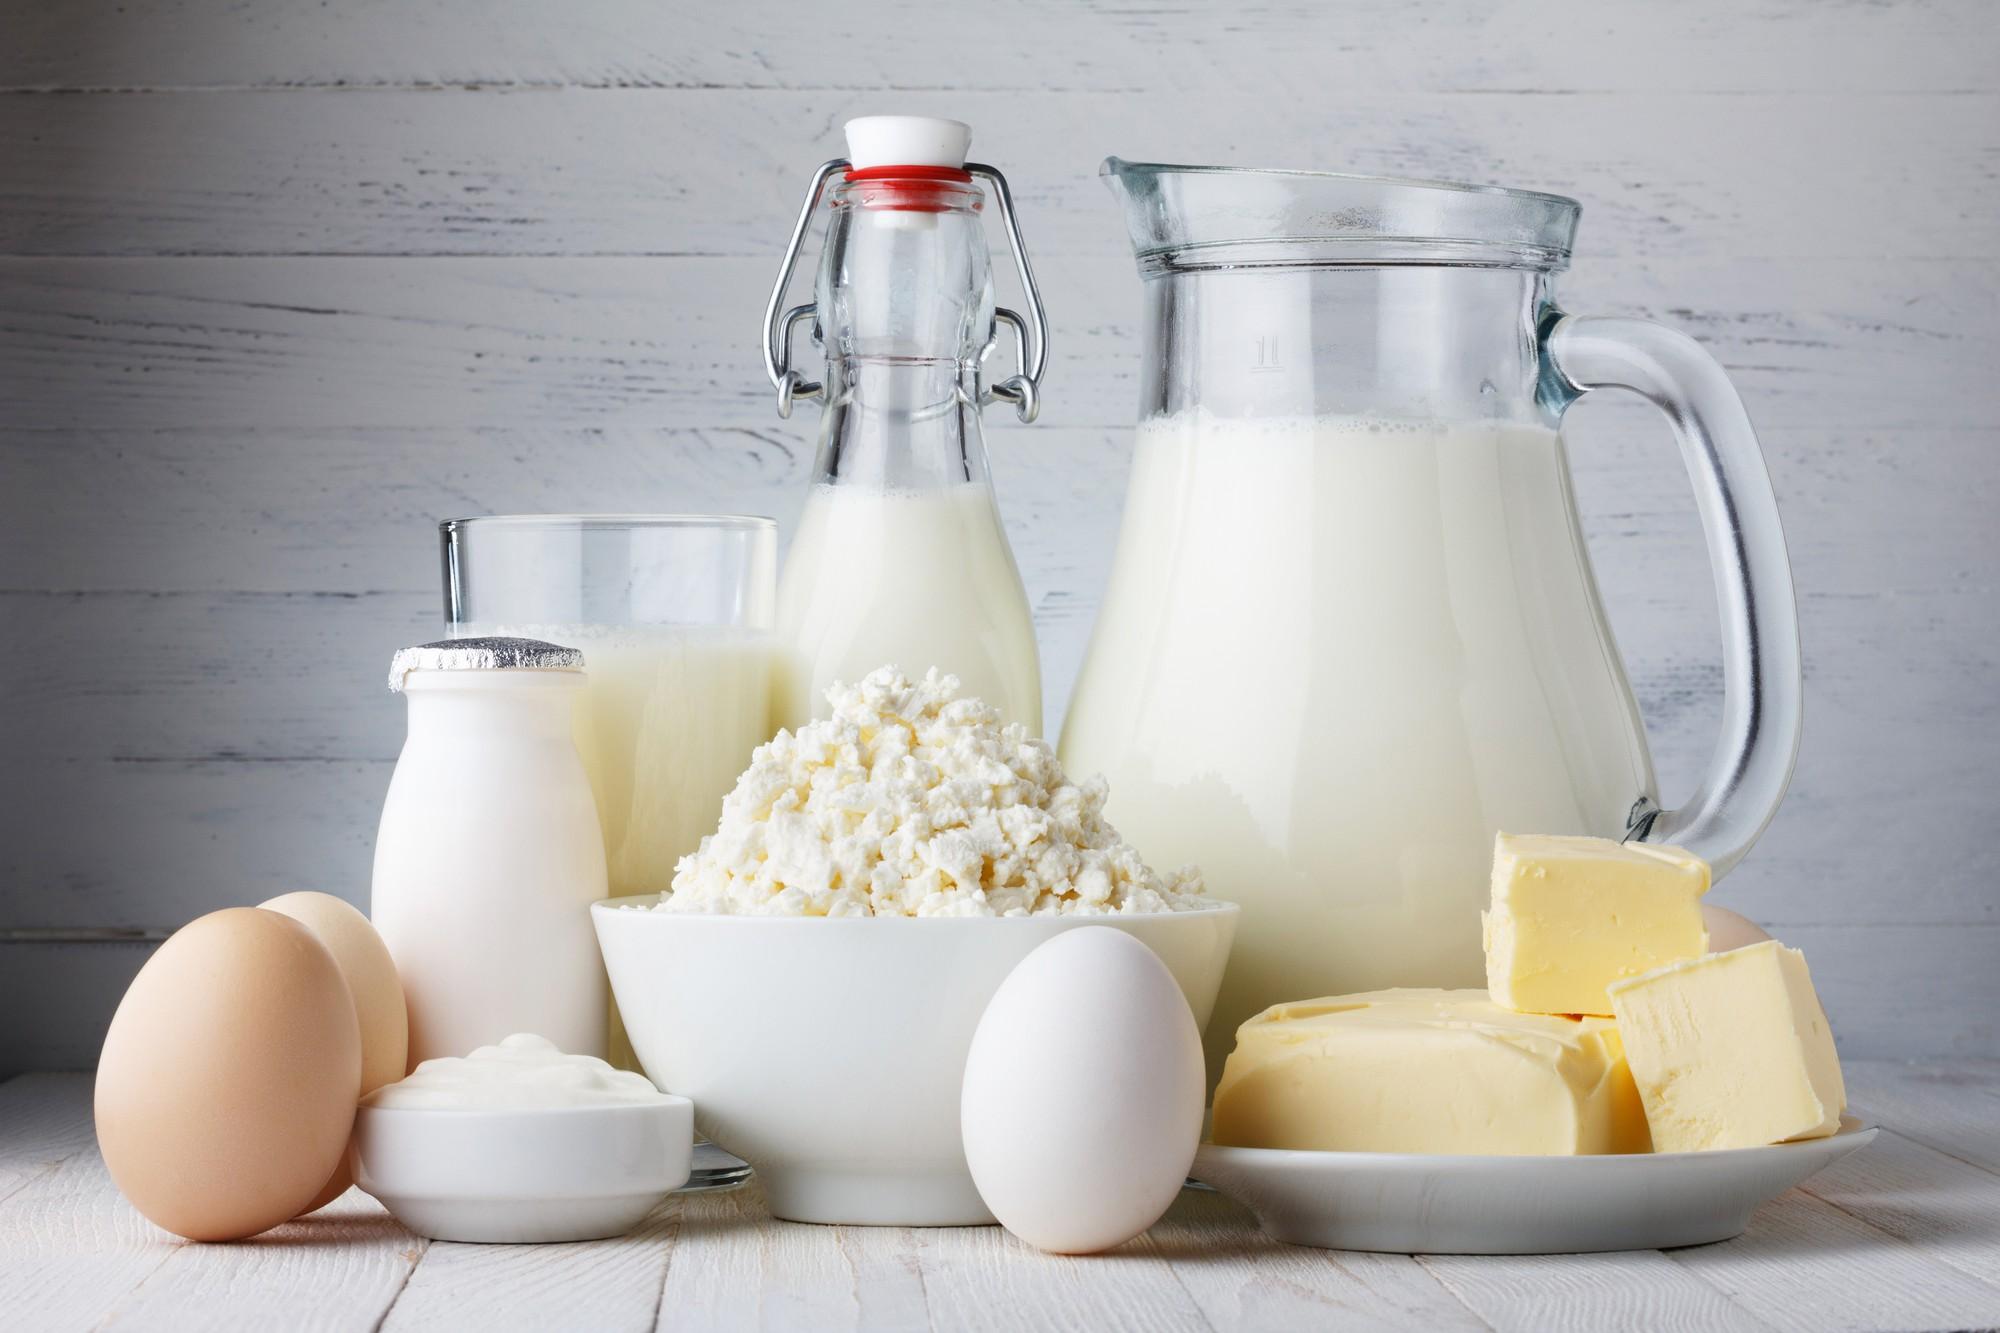 Không phải chỉ canxi và vitamin D, muốn chiều cao phát triển tối đa thì cần bổ sung cả loại vitamin này - Ảnh 2.